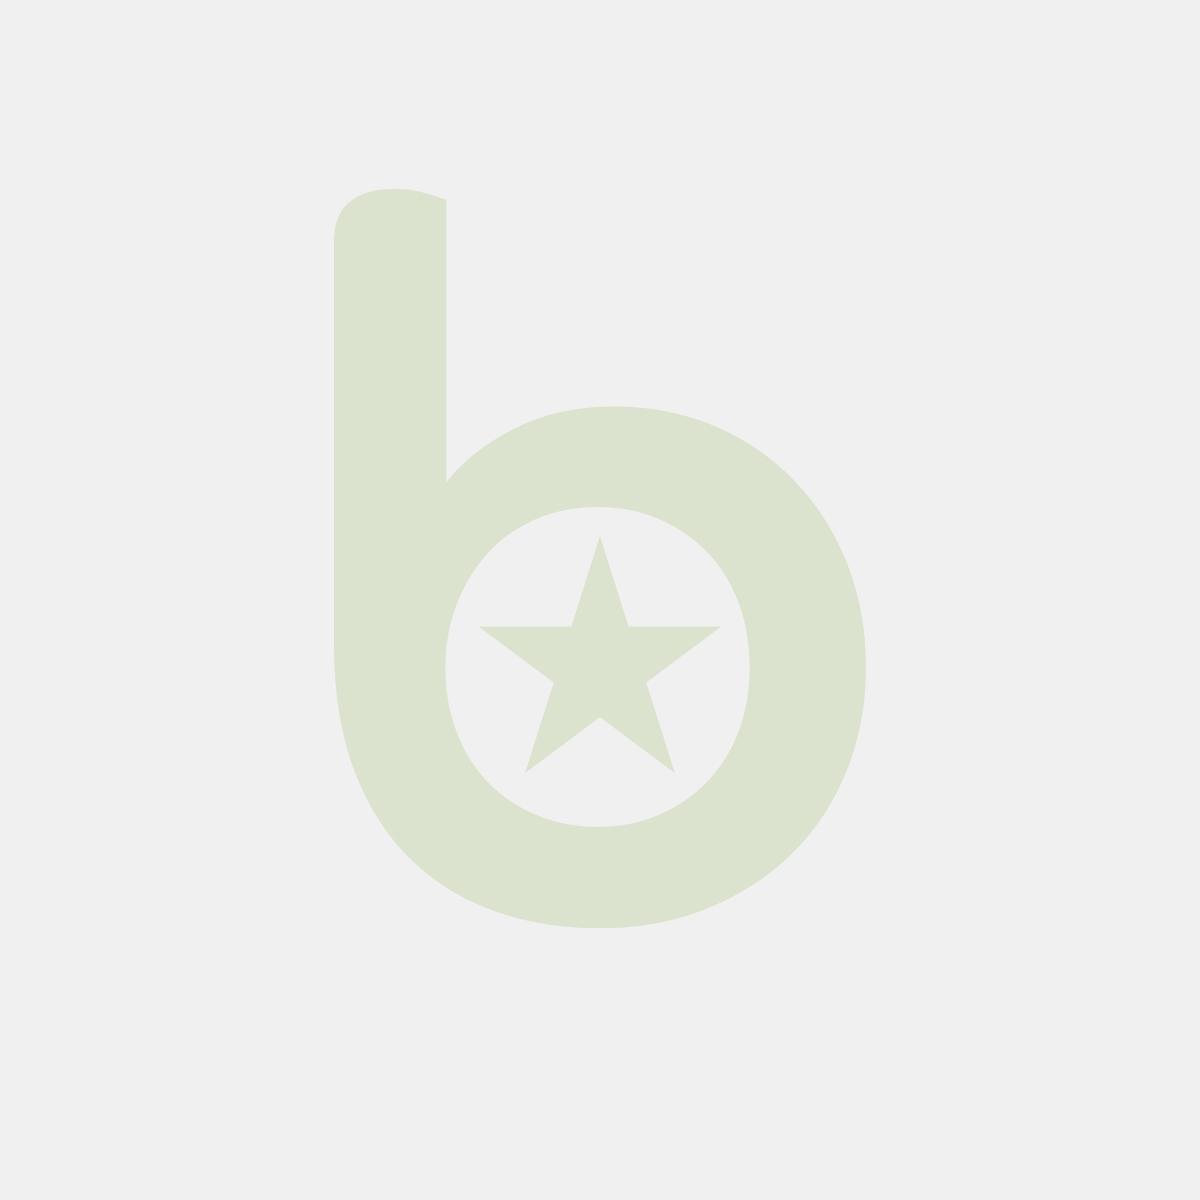 Pakowarka Próżniowa Profi Line – Komorowa